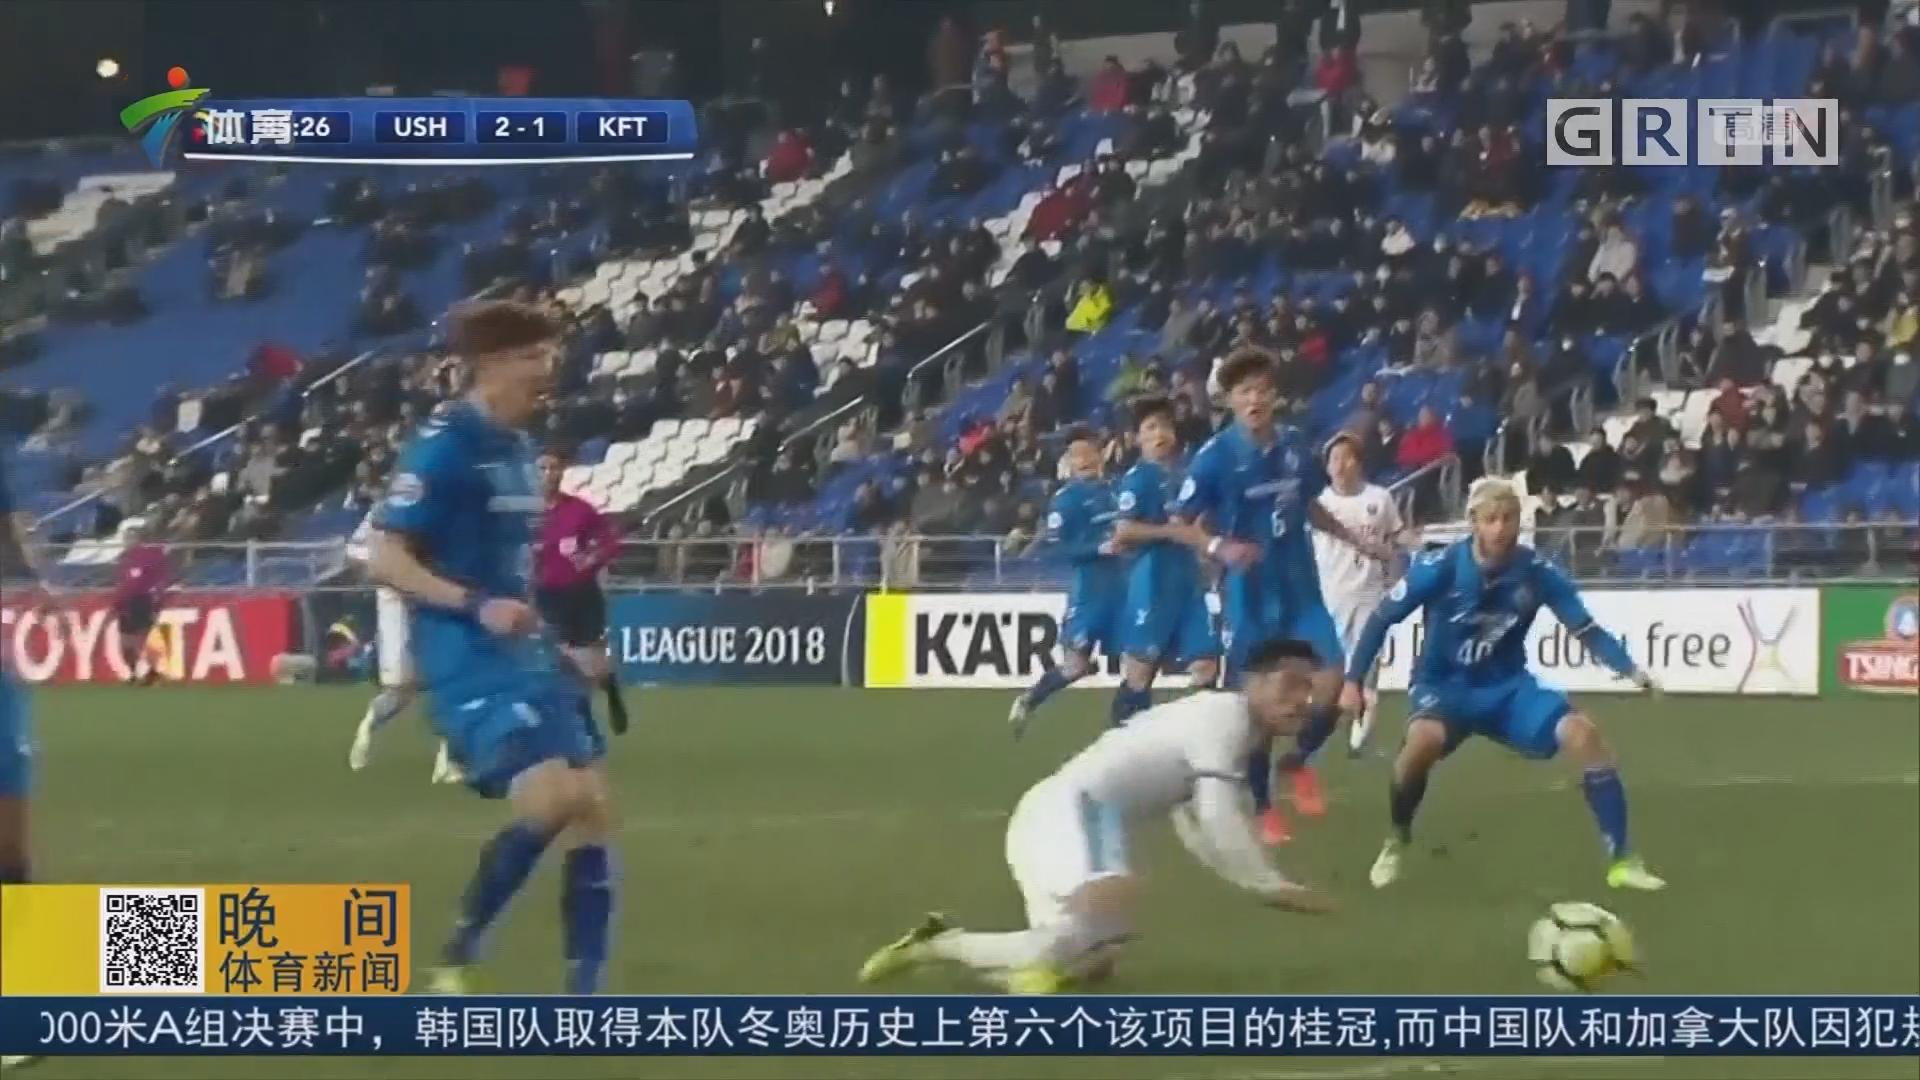 亚冠F组次轮 蔚山现代战胜川崎前锋